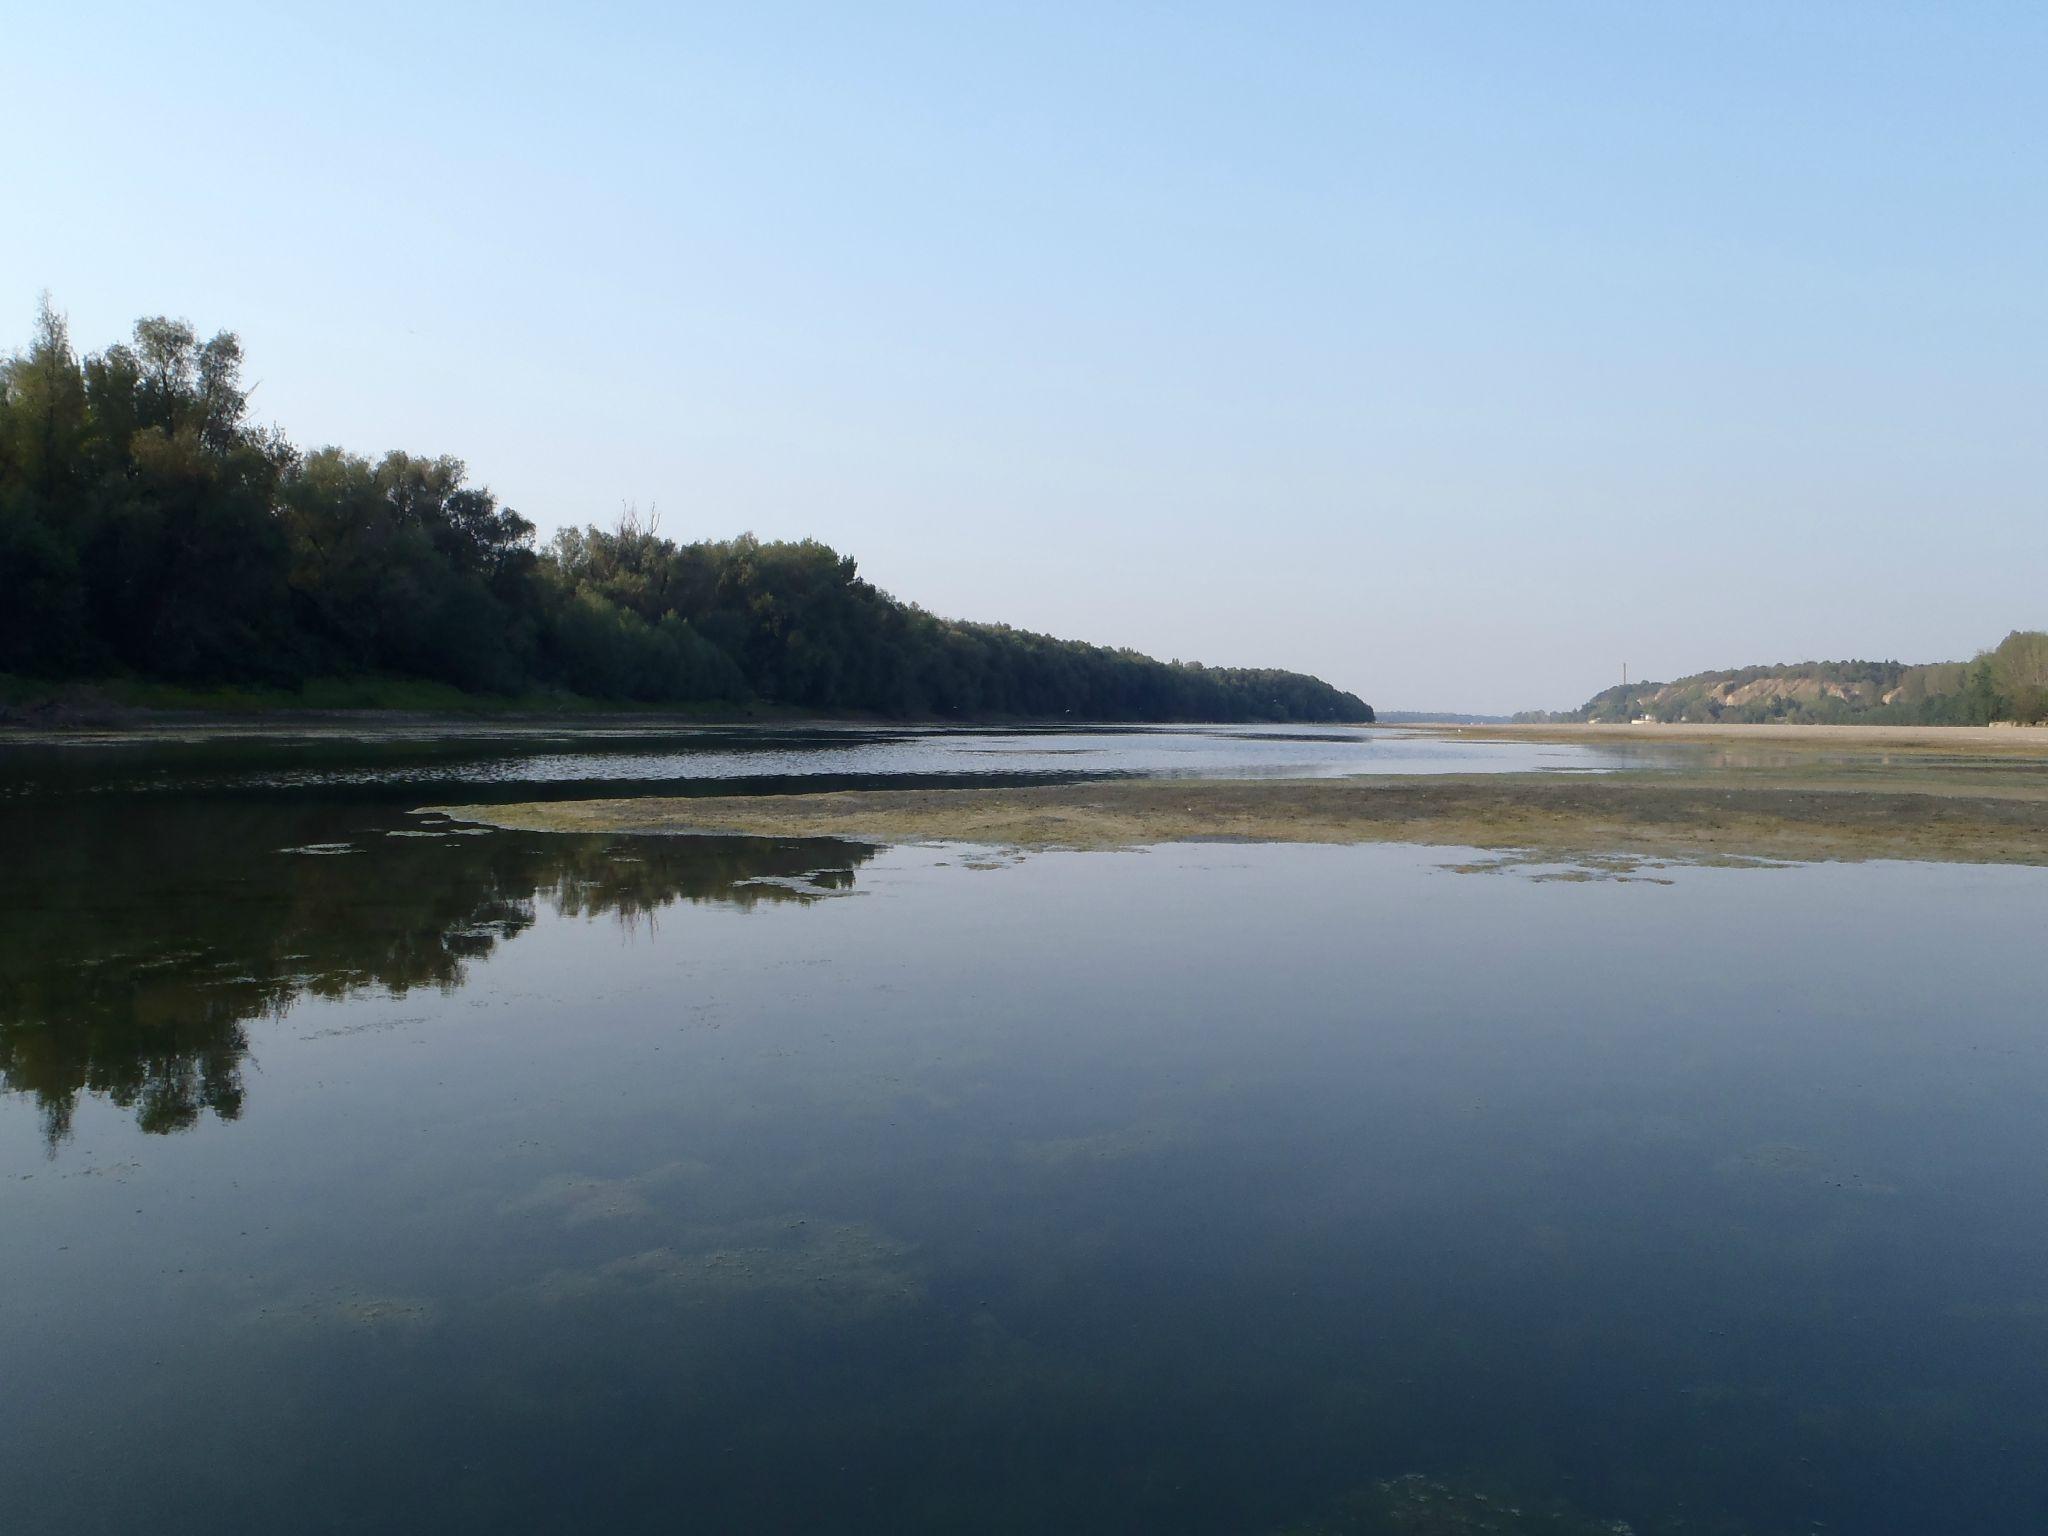 bulgarie - ruse : le danube abrite des milliers d'oiseaux